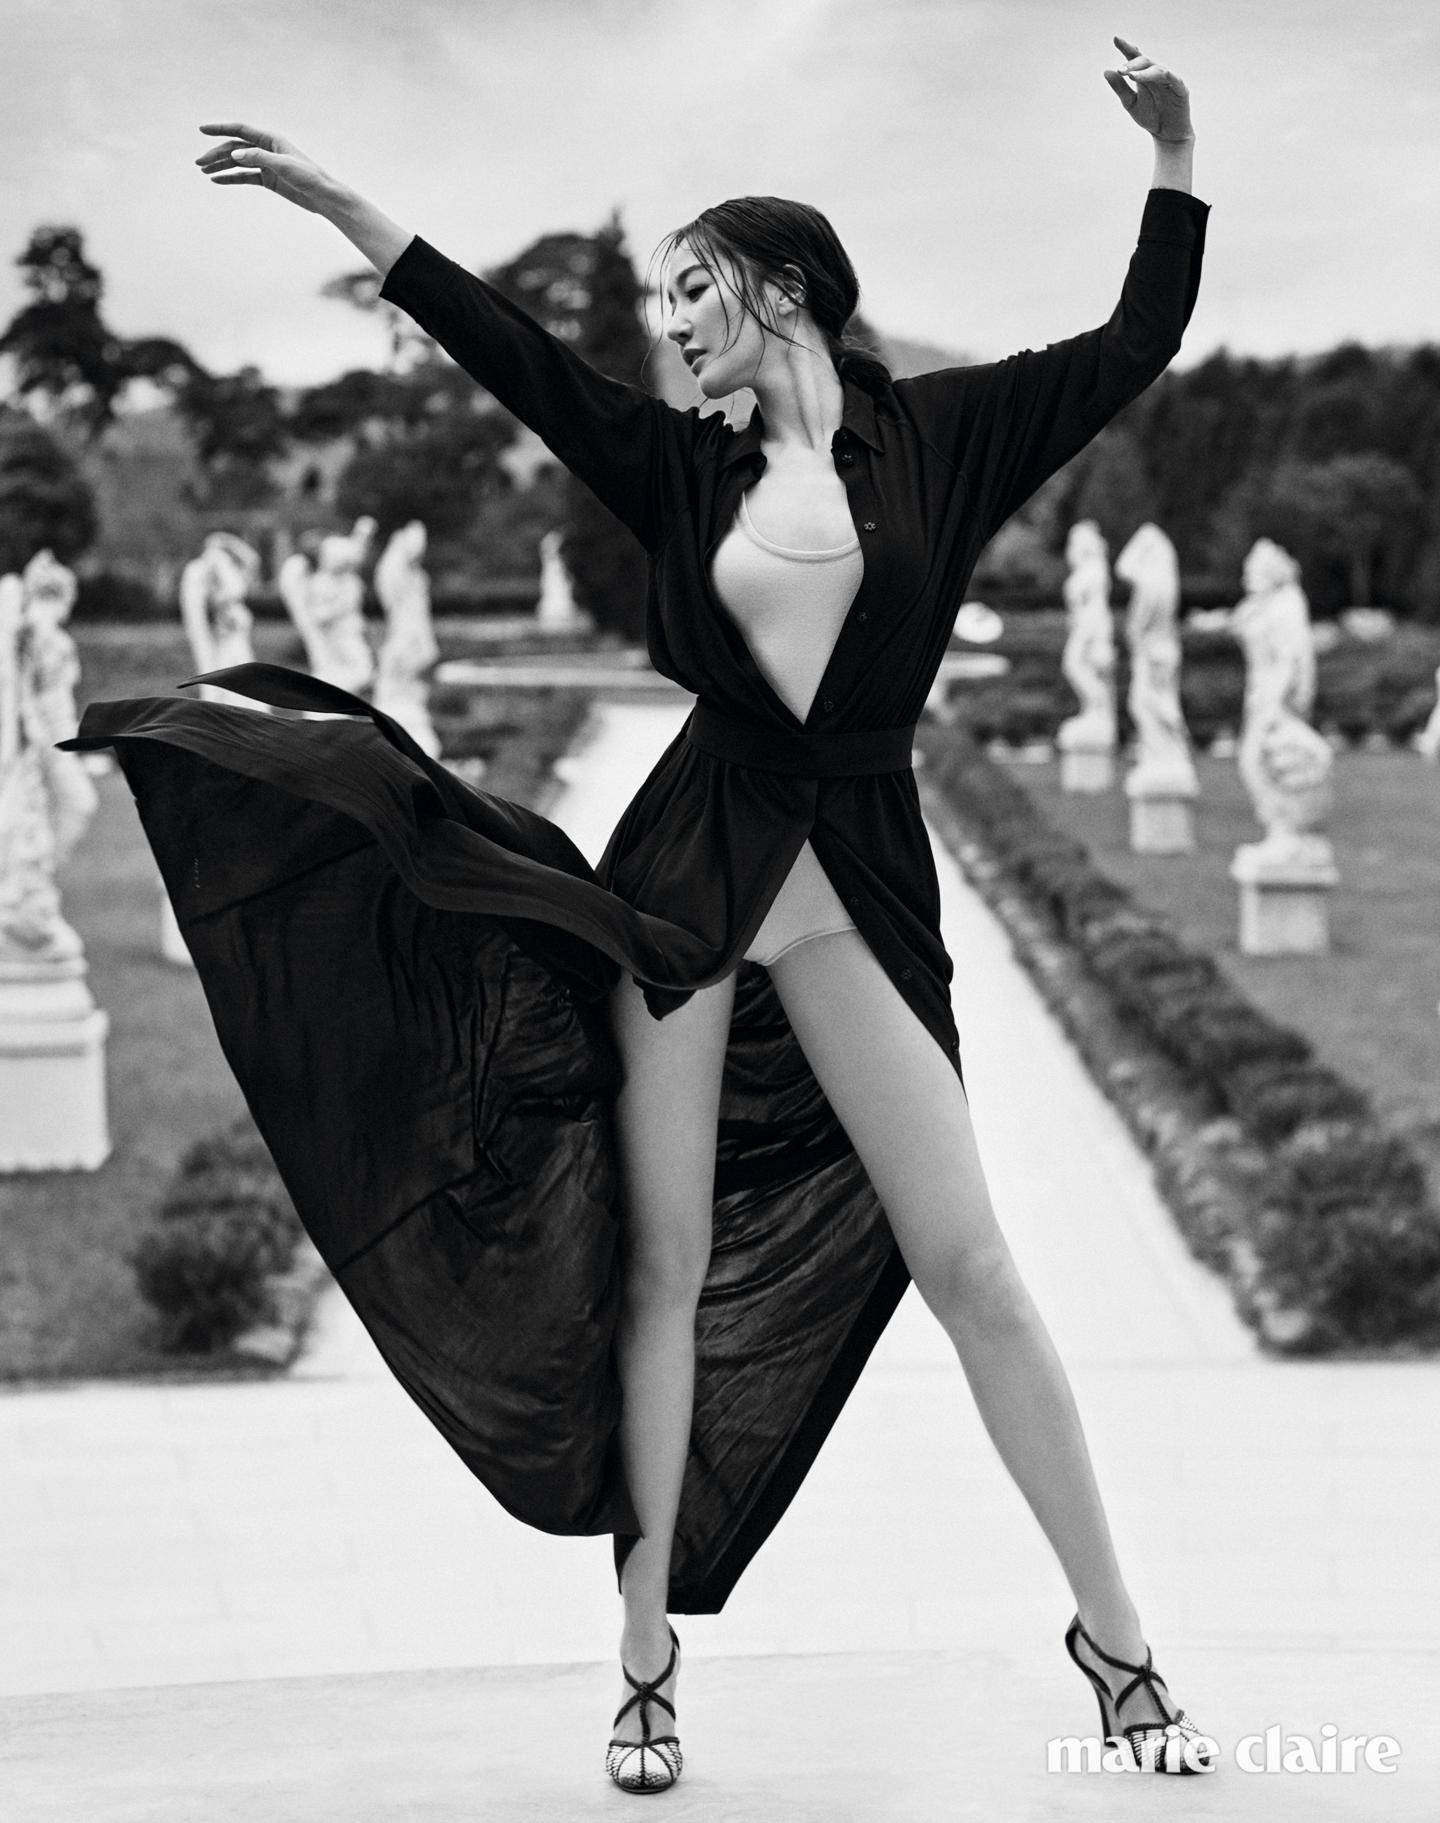 레오타드를 연상시키는 니트 보디수트, 셔츠 스타일의 블랙 롱 드레스, 위빙 디테일을 가미한 스트랩 슈즈 모두 보테가 베네타(Bottega Veneta).